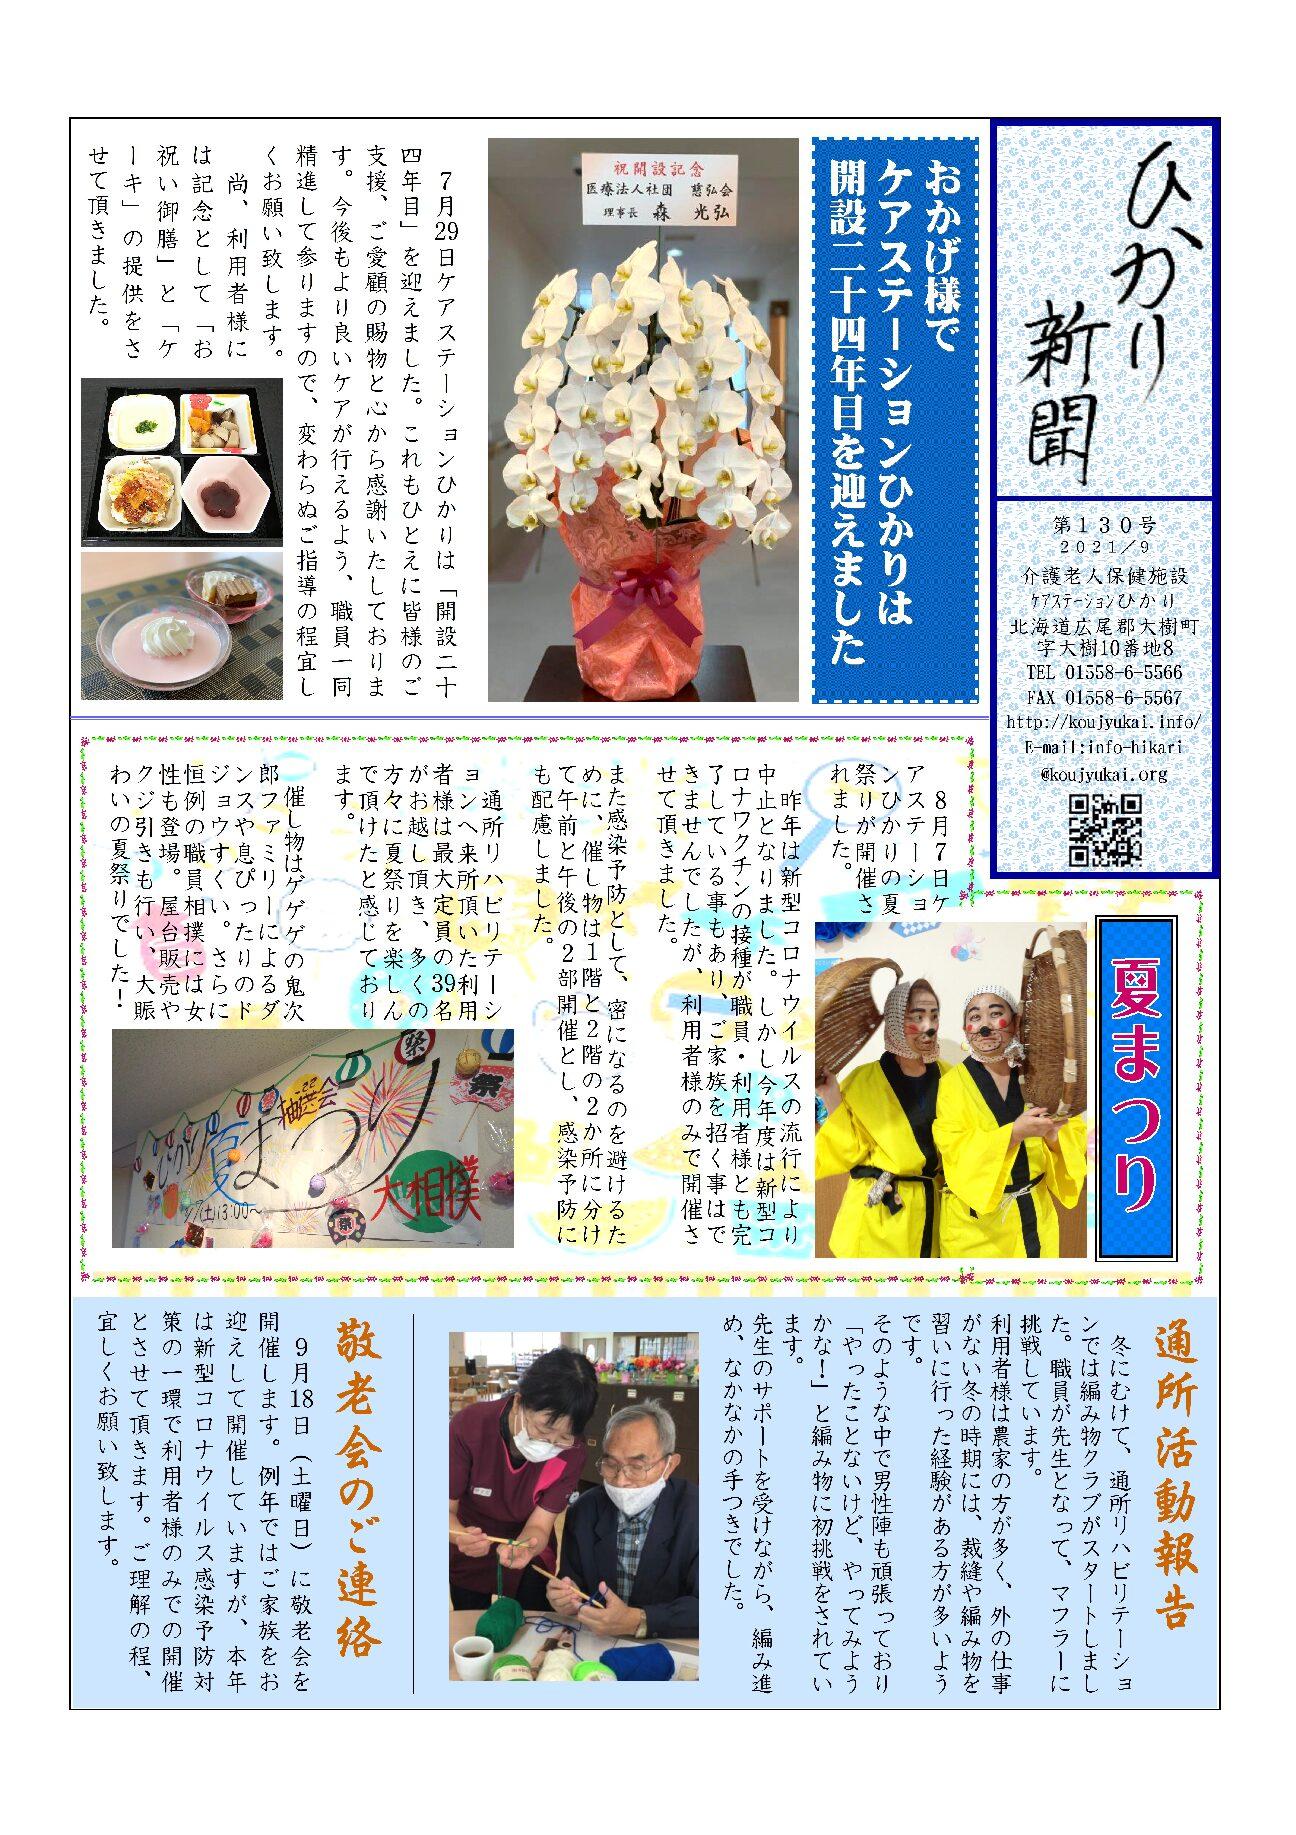 ひかり新聞Vol.130